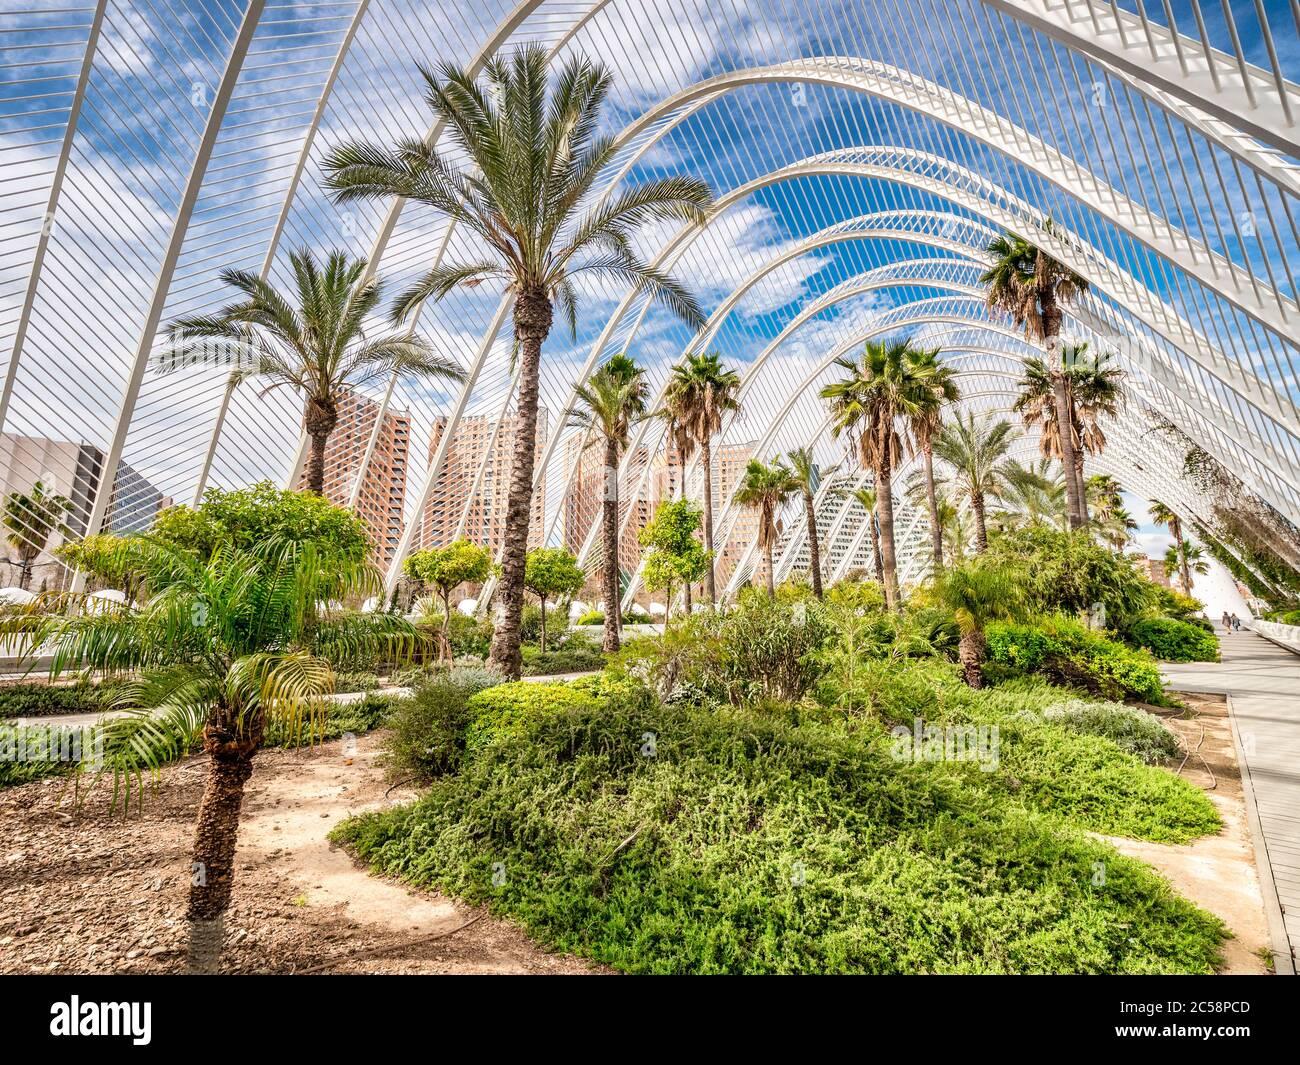 3. März 2020: Valencia, Spanien - L'Umbracle, ein Skulpturengarten und Spaziergang, der einen Eingang zur Stadt der Künste und Wissenschaften in Valencia bildet. Stockfoto